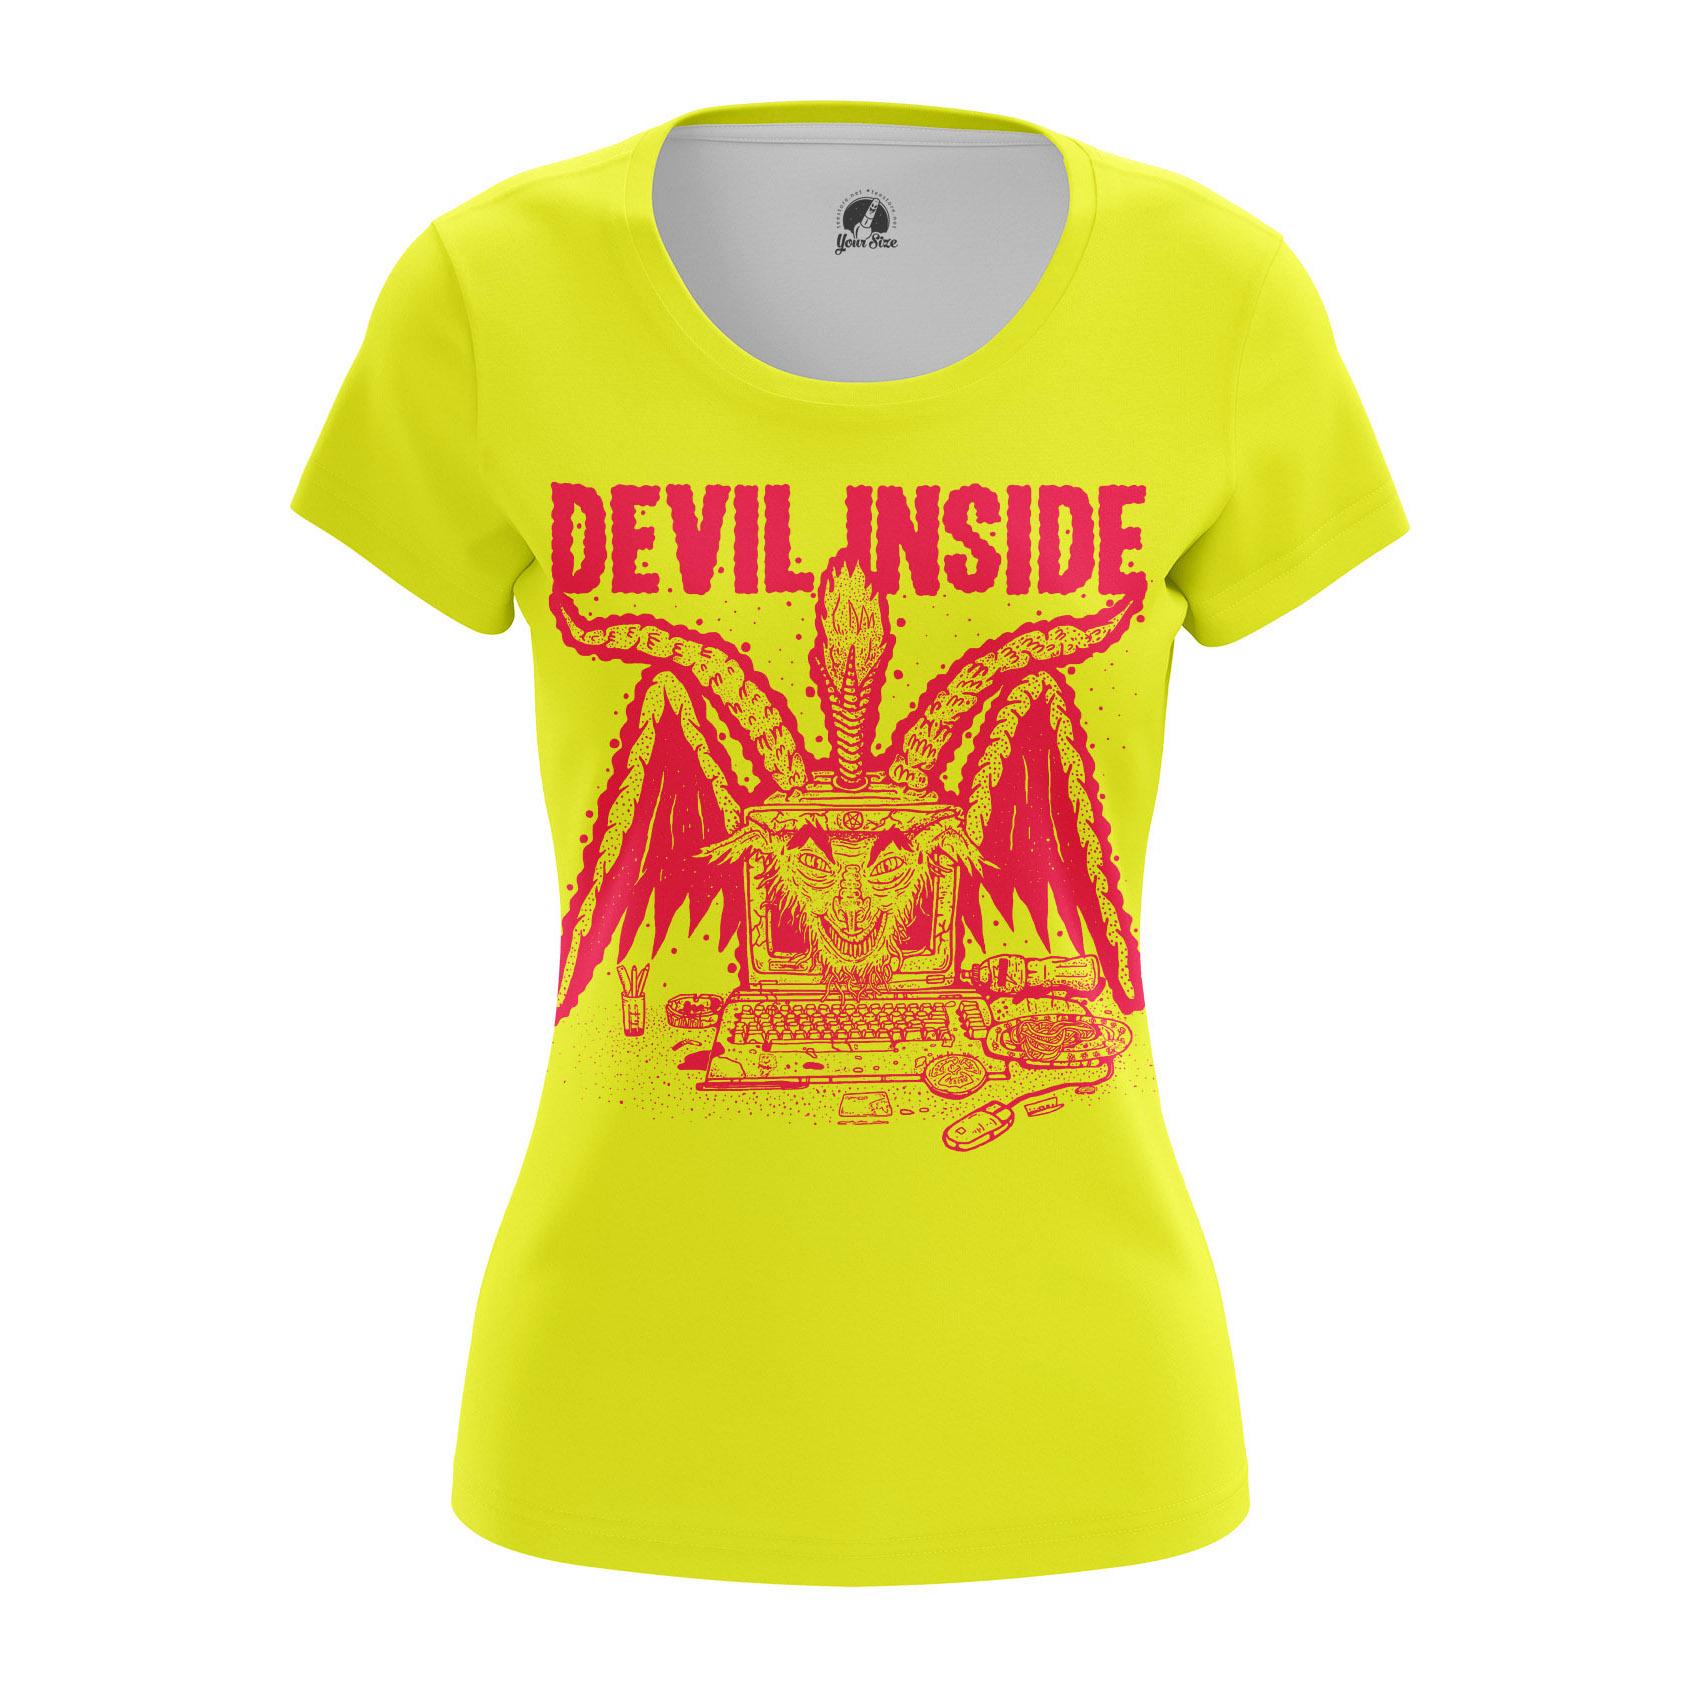 W-Tee-Devilinside_1482275298_198